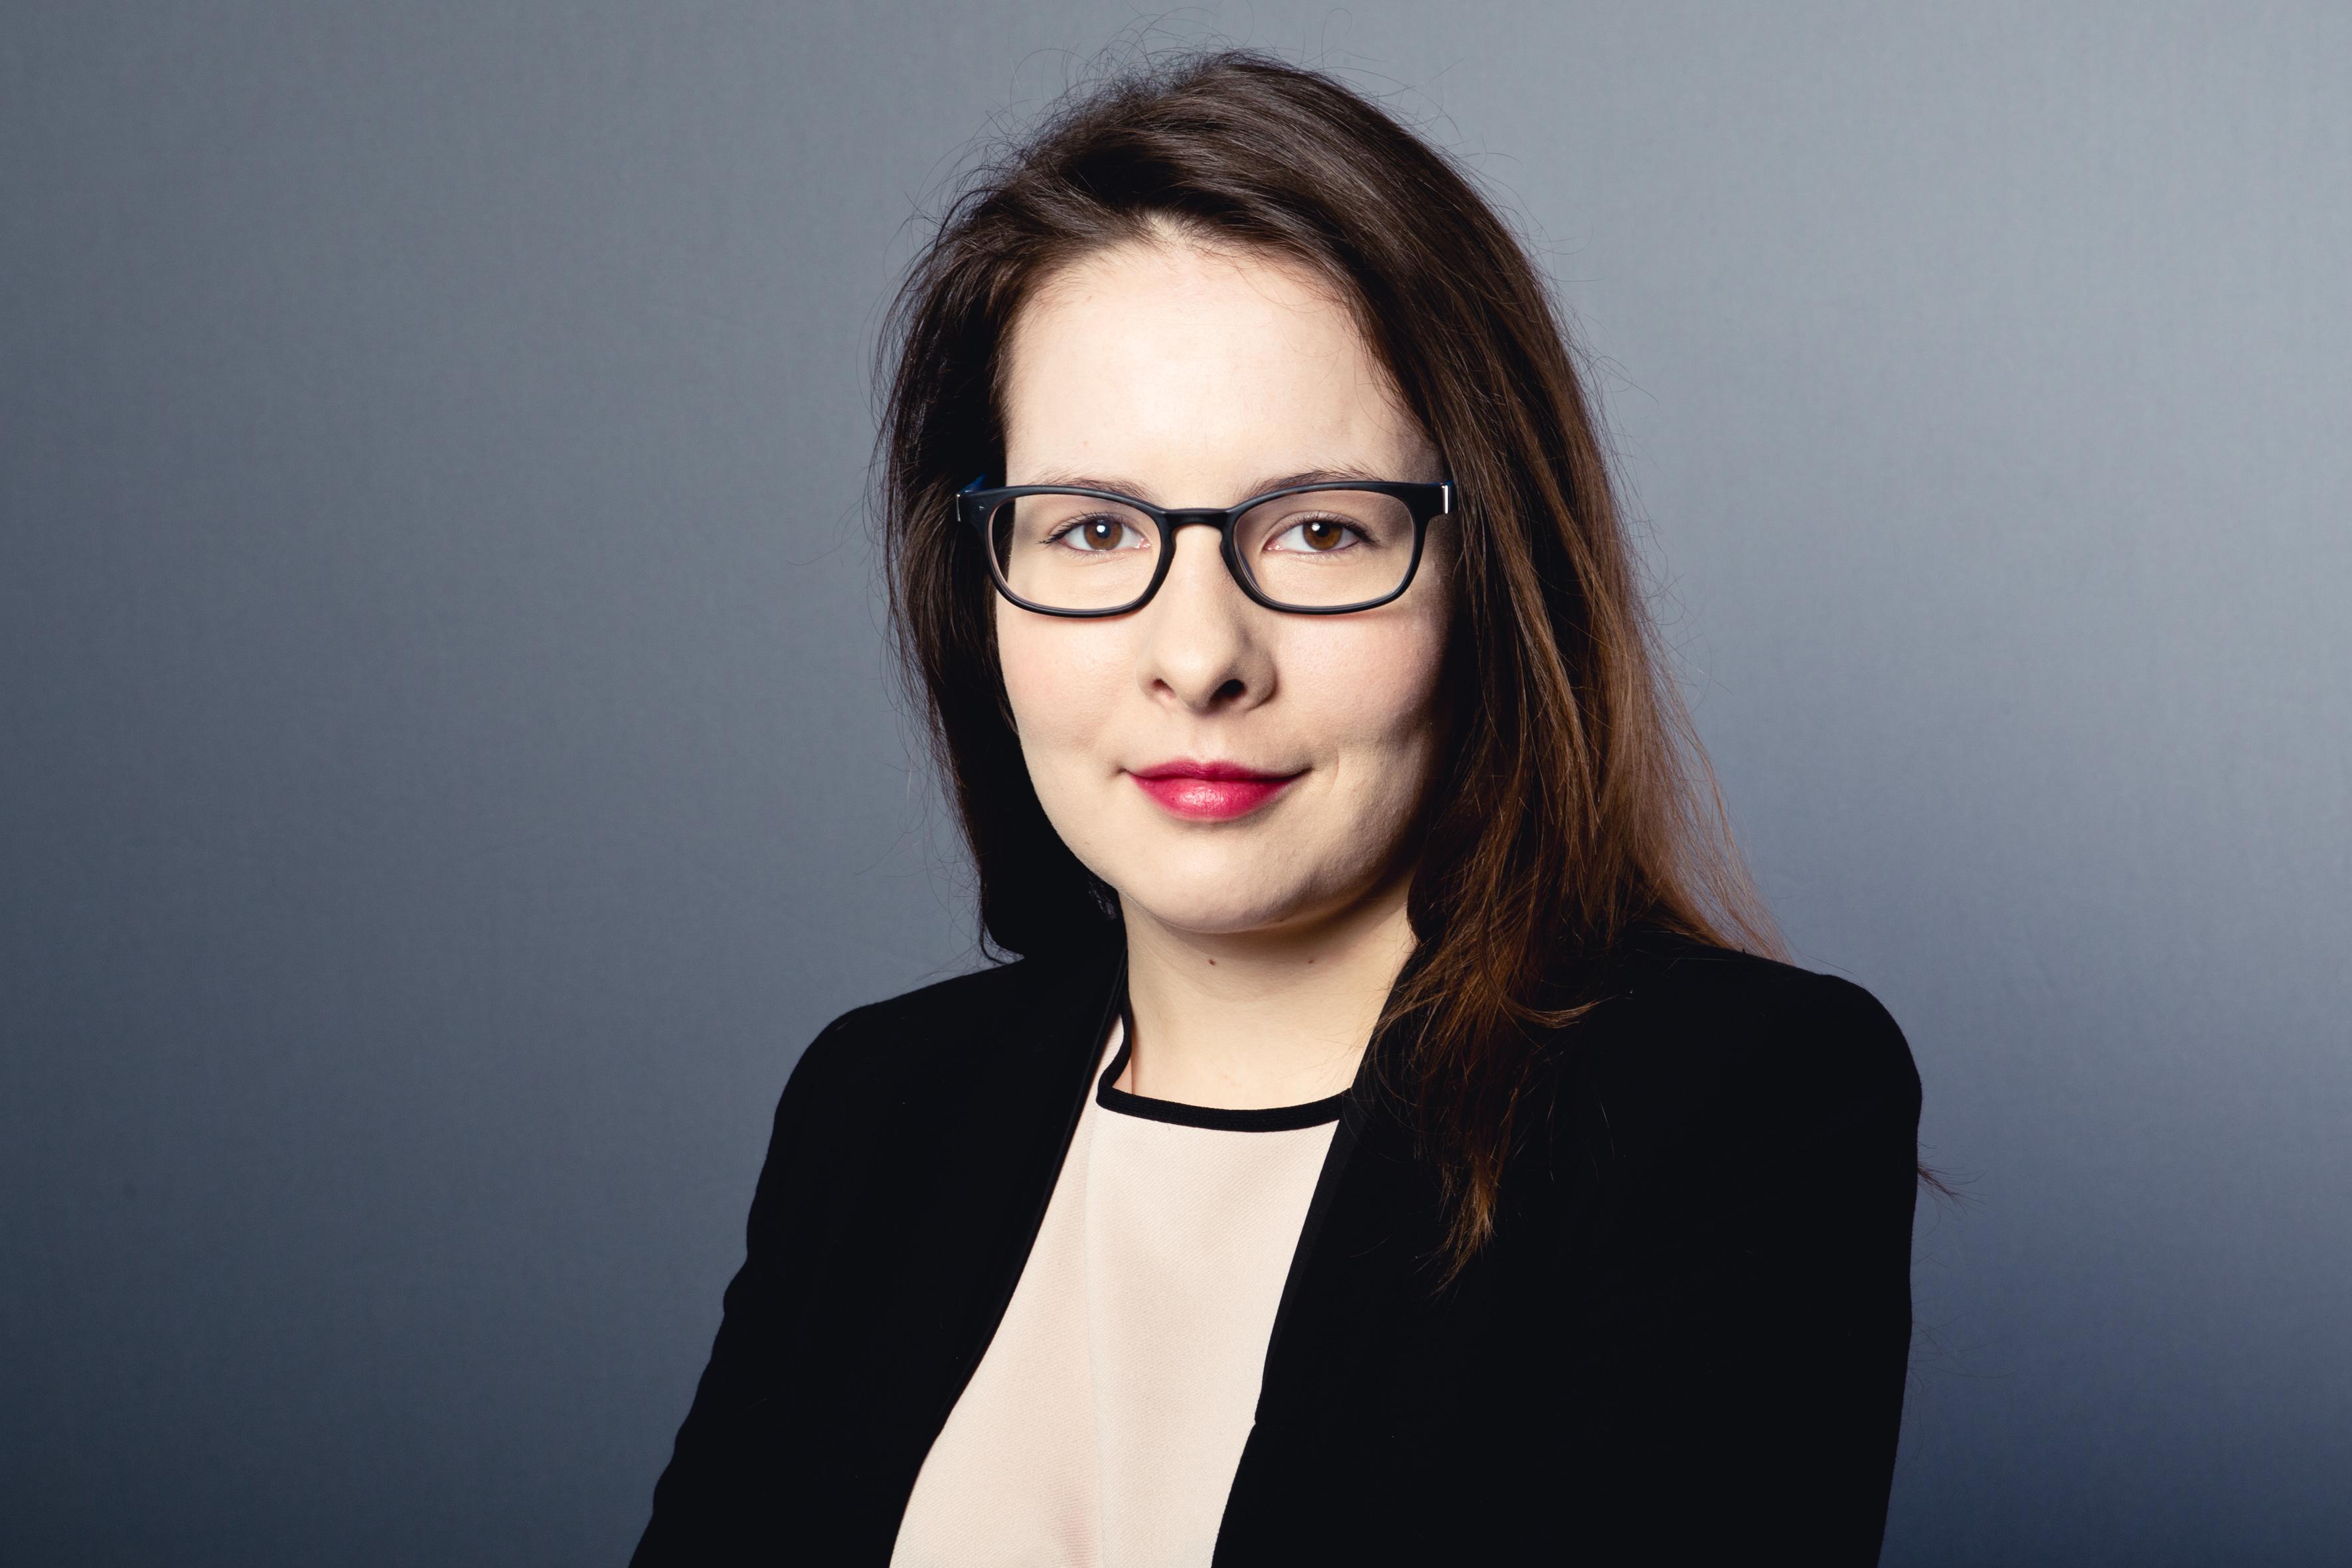 Juliette Sicart